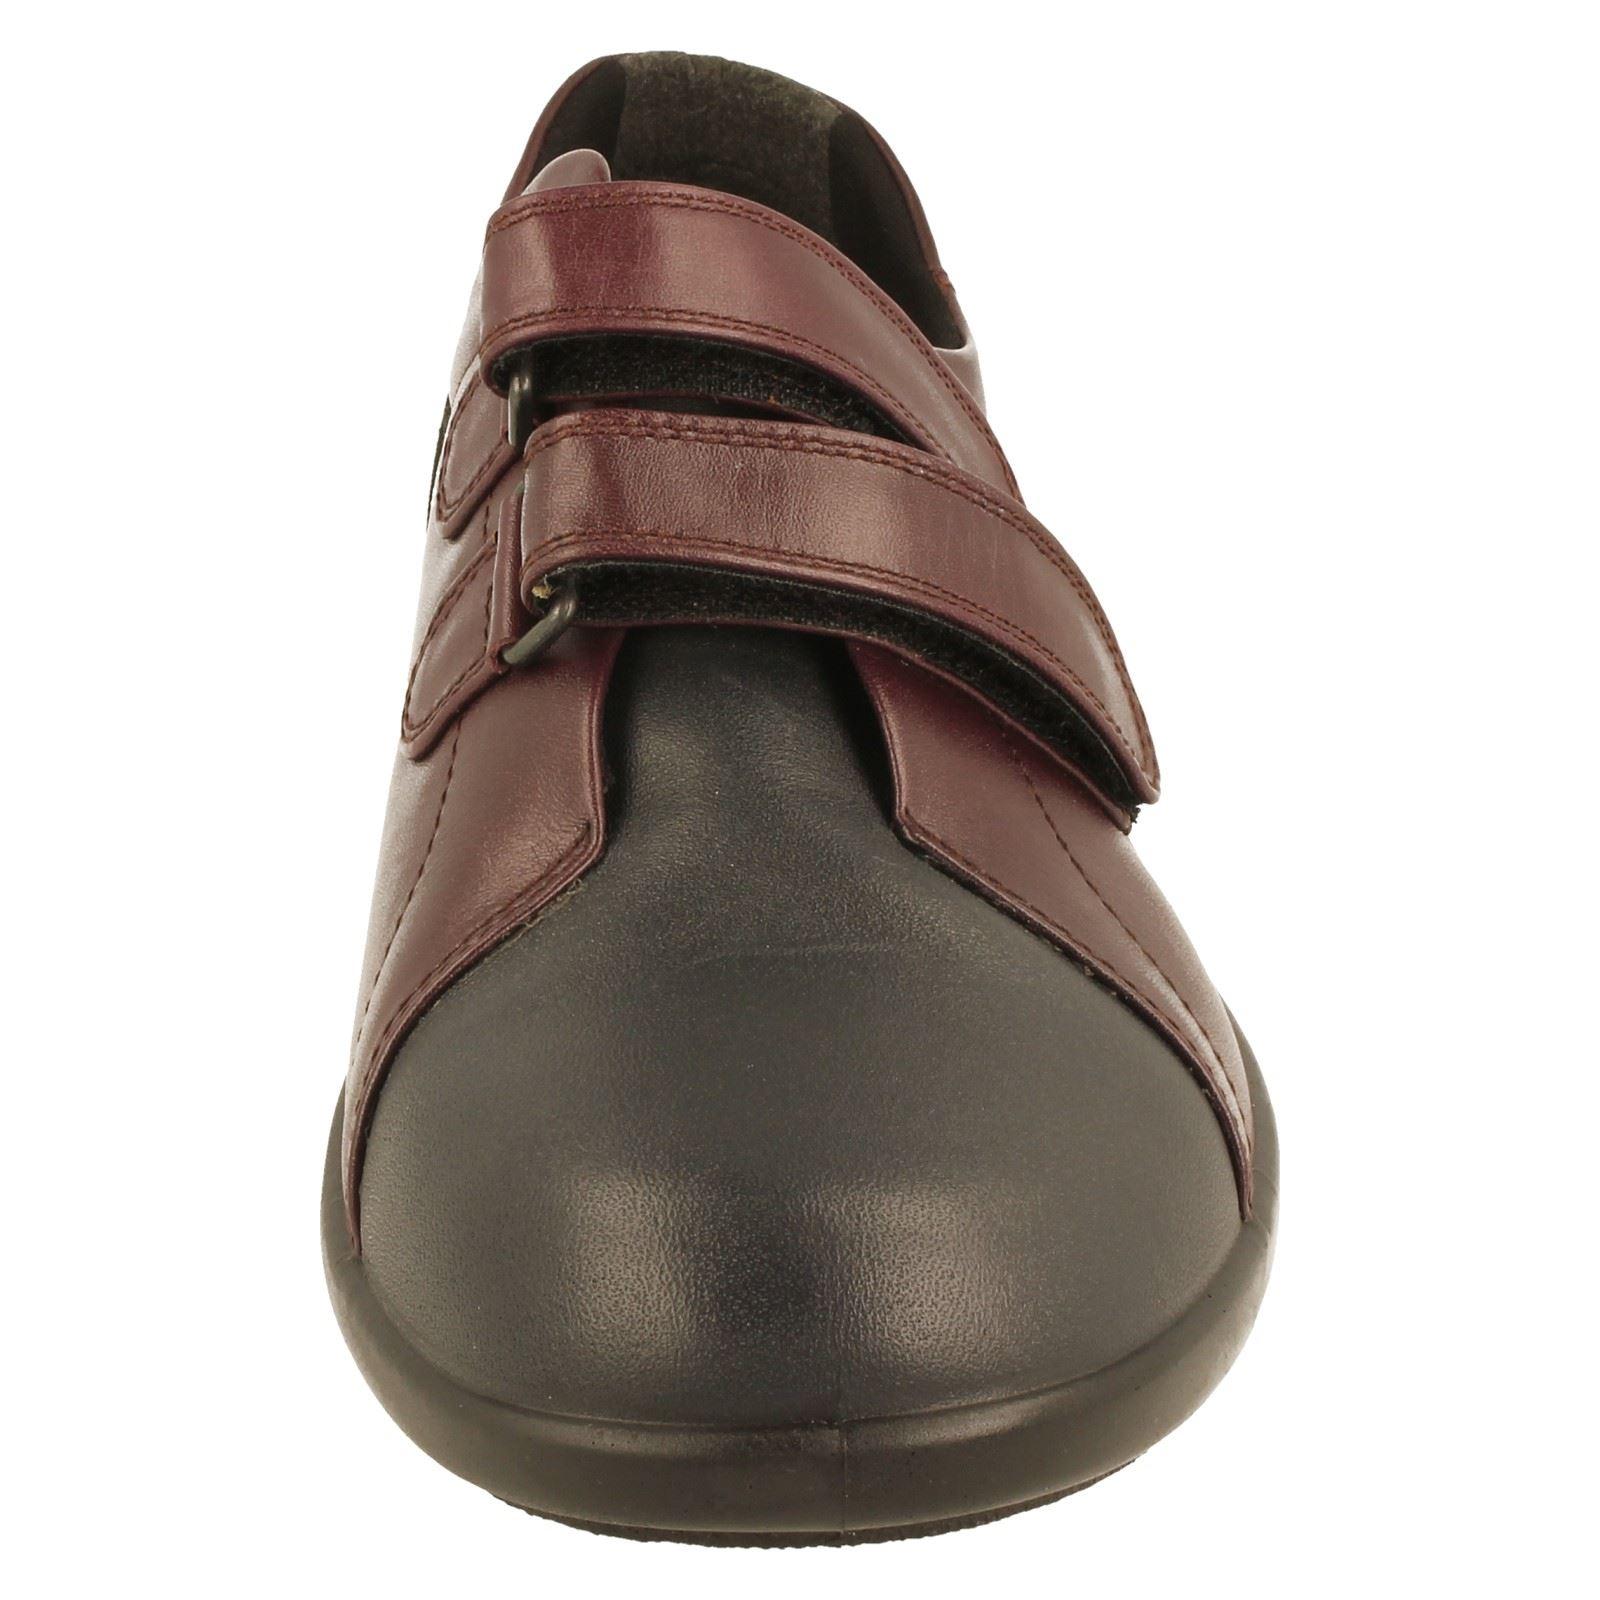 WHAT FOR SANDALO C/TACCHETTO Scarpe resistenti di bell'aspetto, resistenti Scarpe e durevoli a228a5